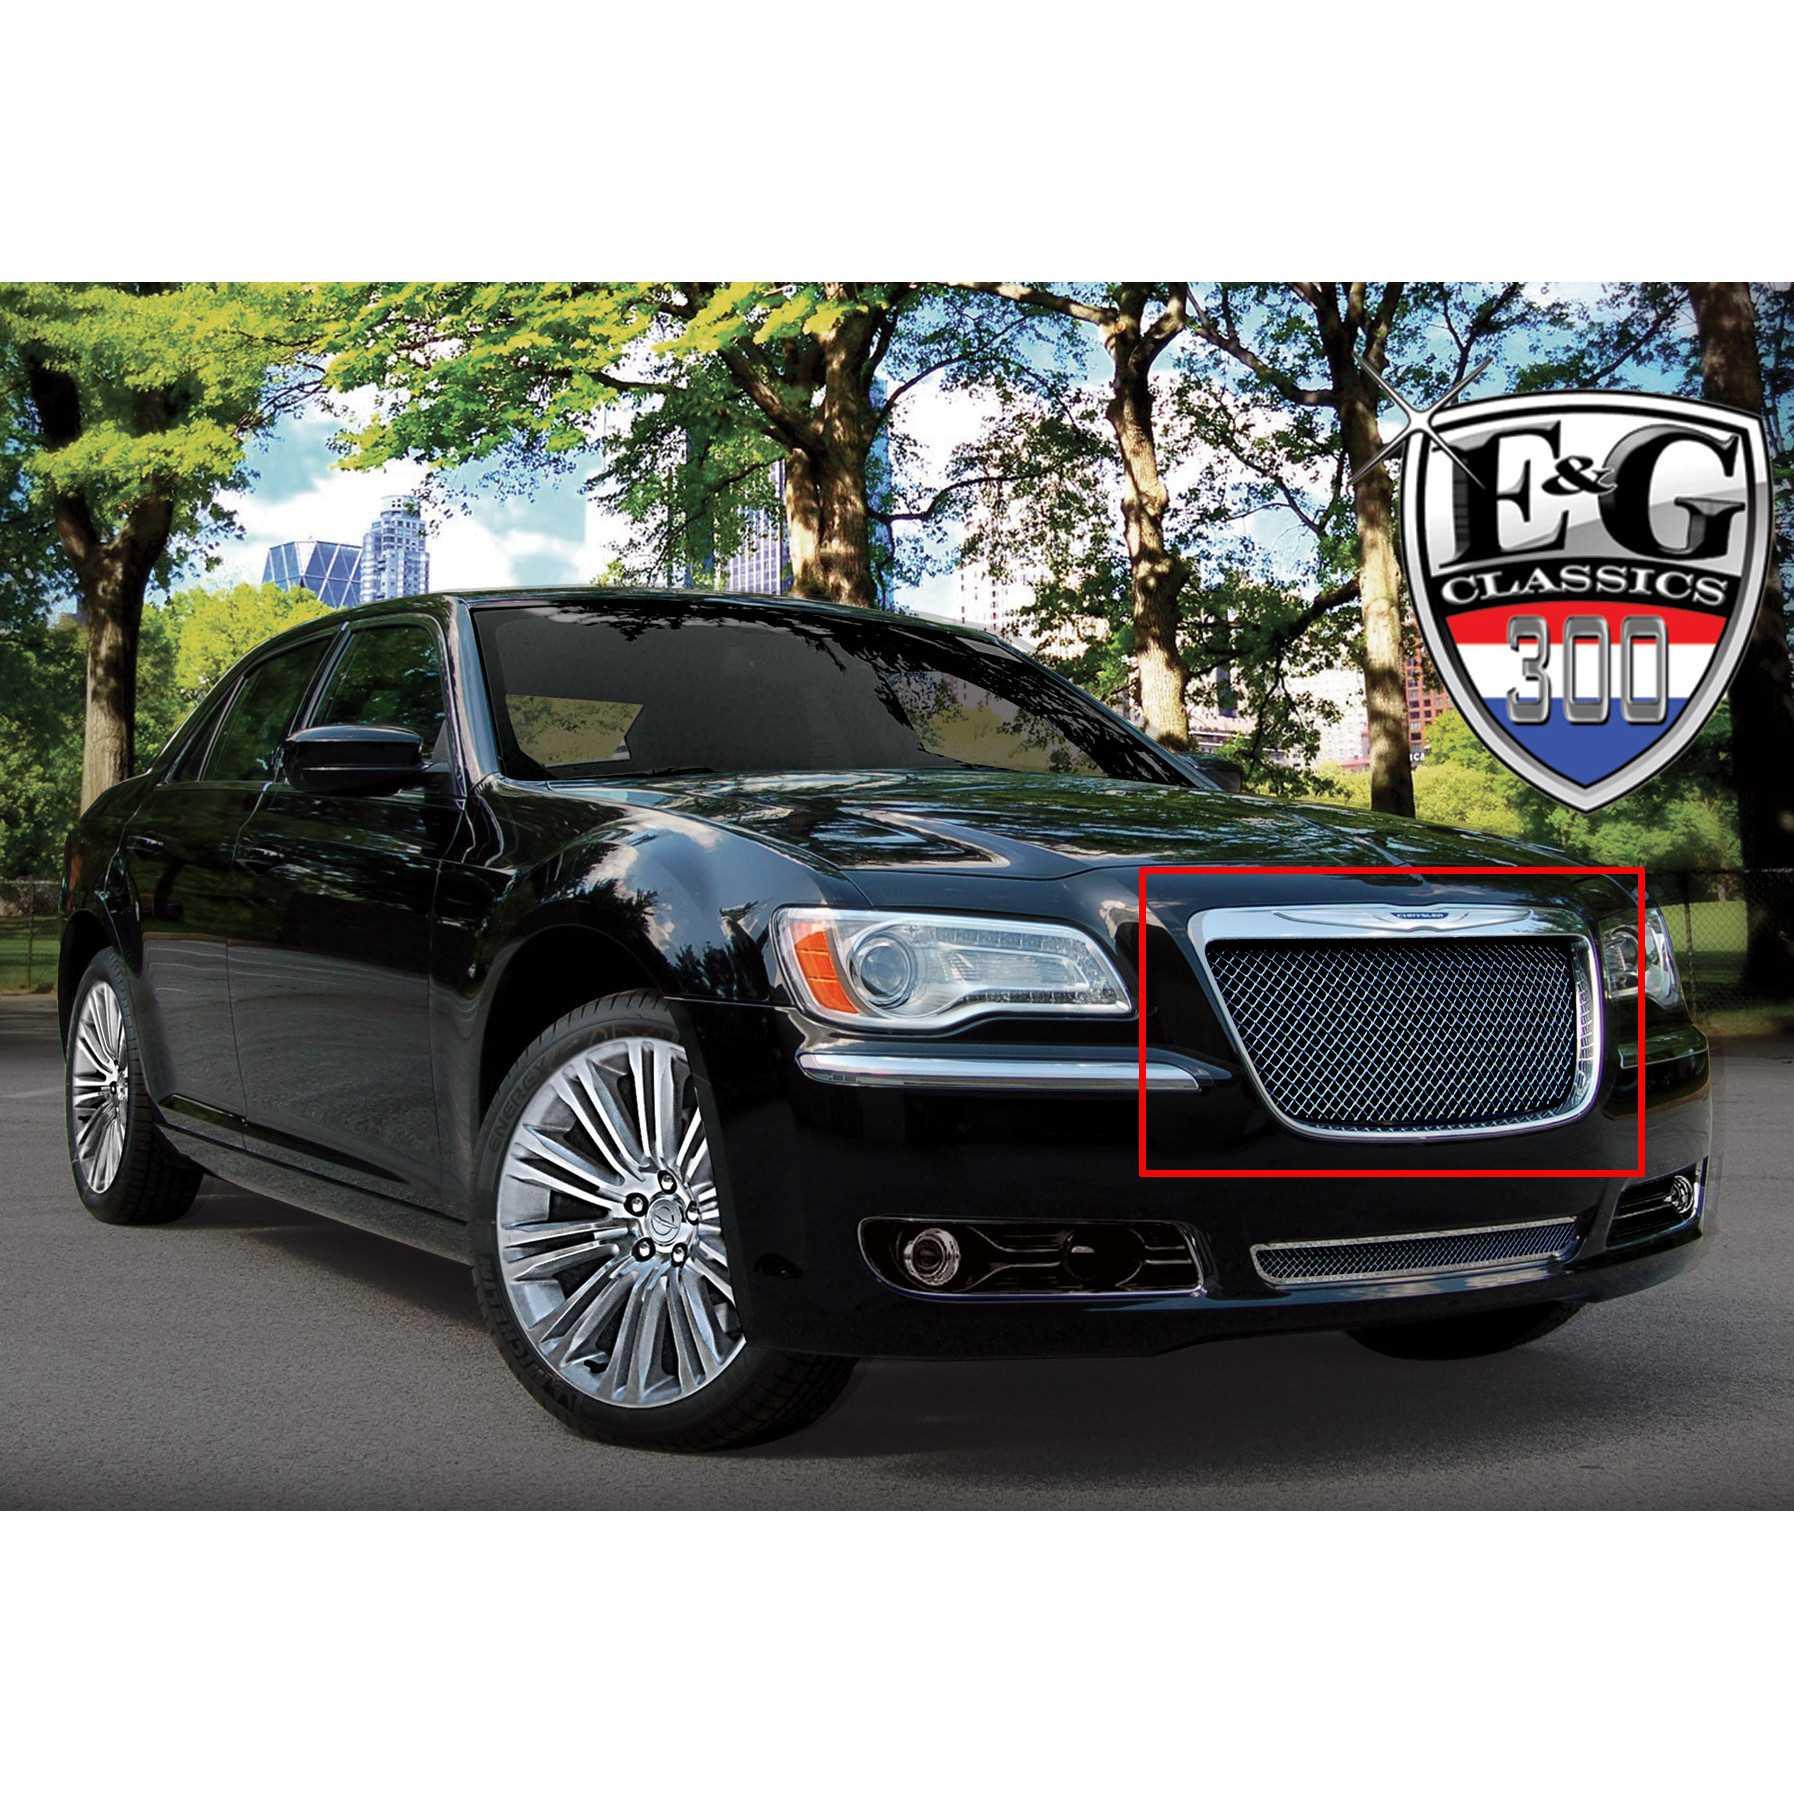 E&G Classics 2011-2014 Chrysler 300 Grille Black Ice Heavy